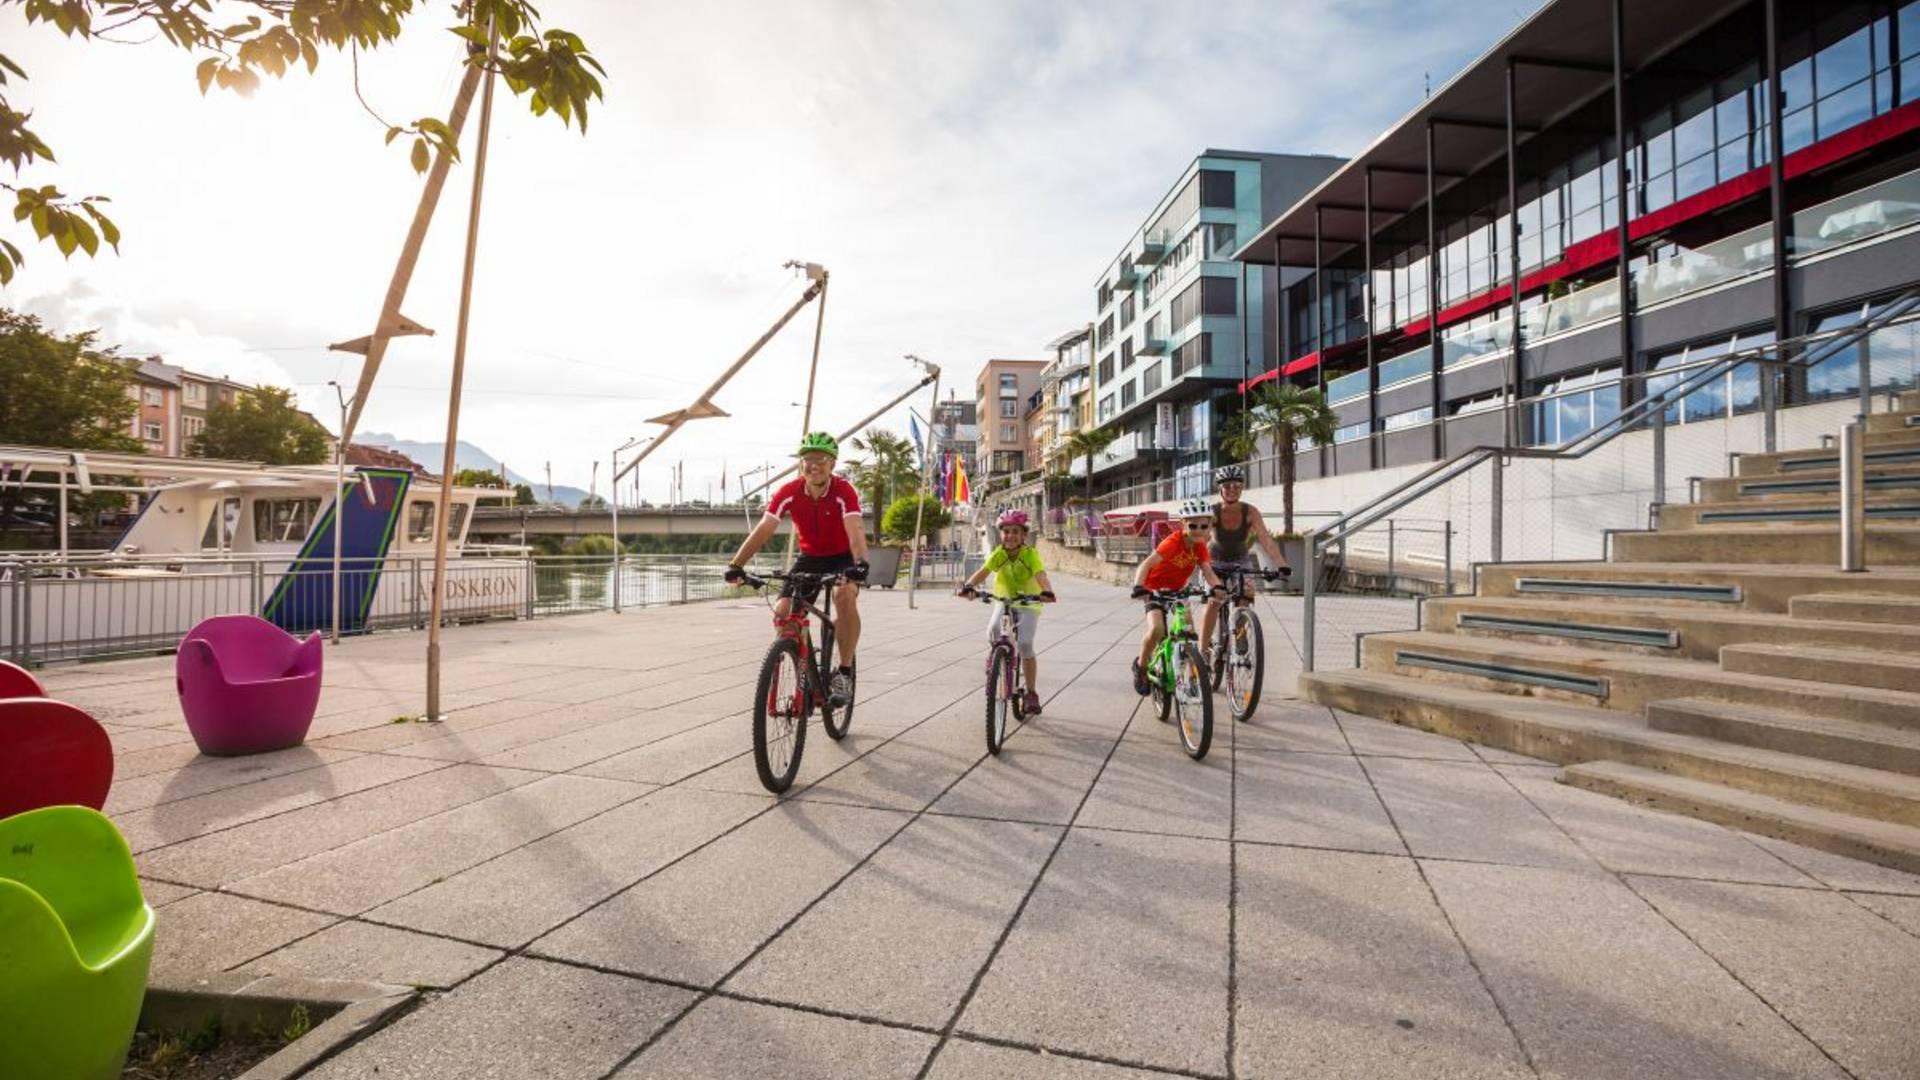 Biken in der Region Villach mit Frau und Kindern.